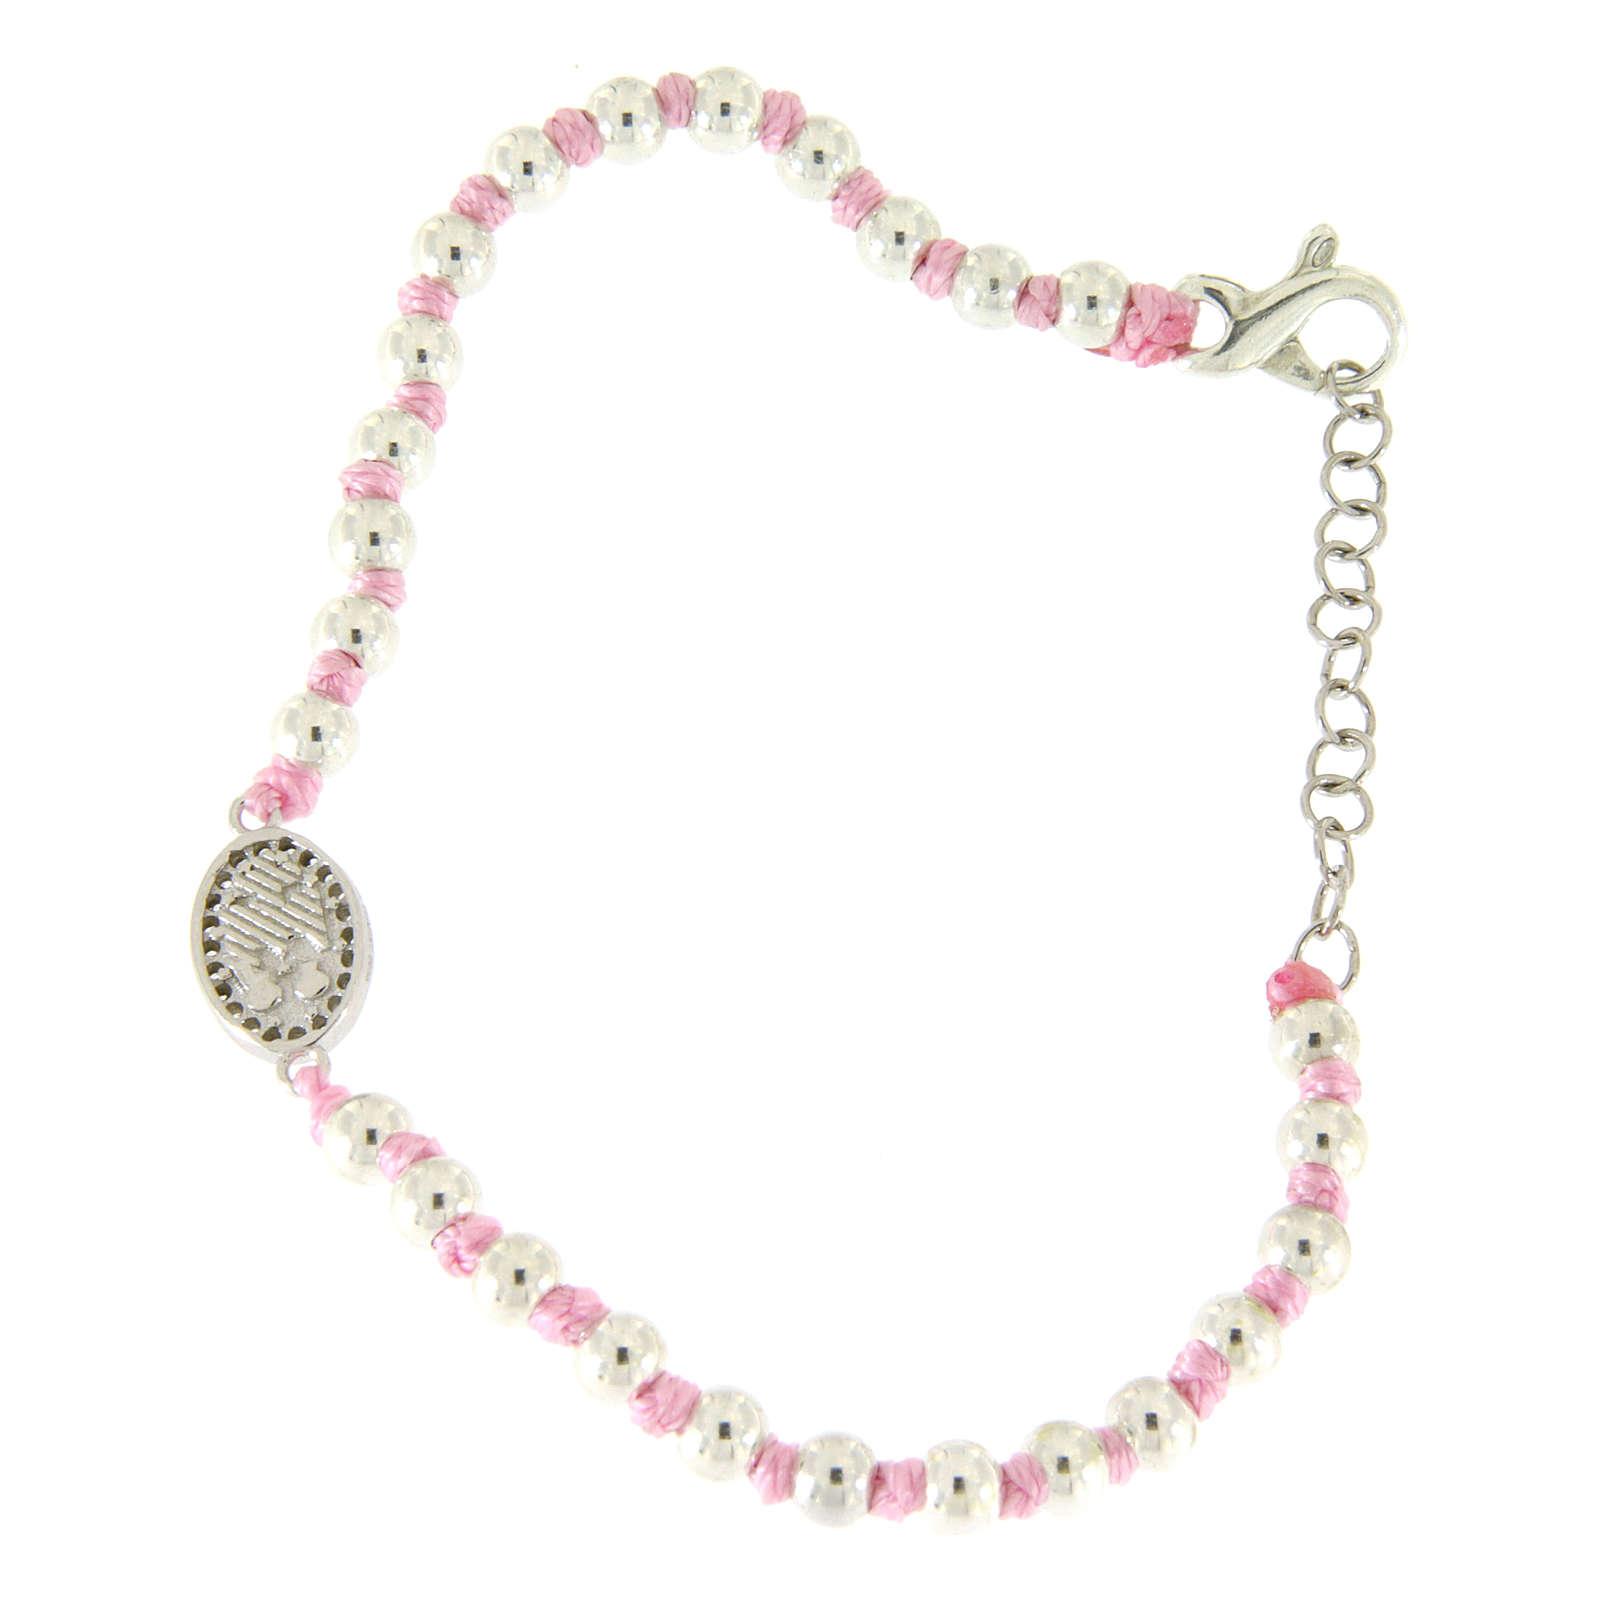 Bracciale con palline 3 mm argento, cordina in cotone rosa e medaglietta zirconata bianca S. Rita 4